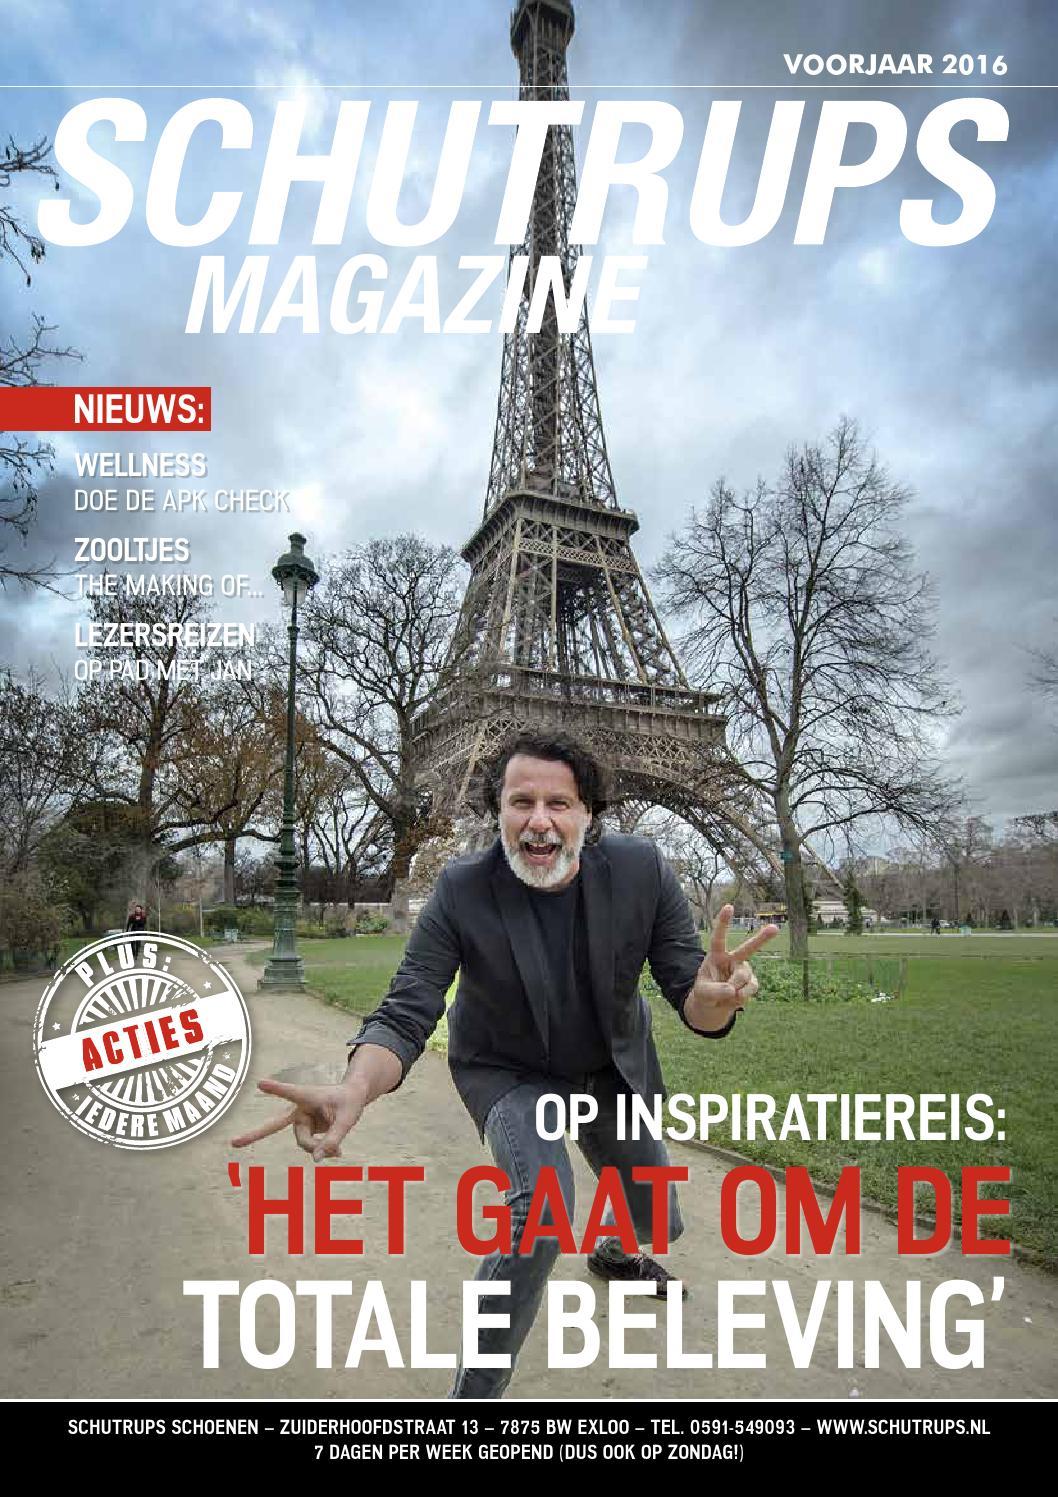 Schutrups Magazine nieuws, events en mooie schoenen by